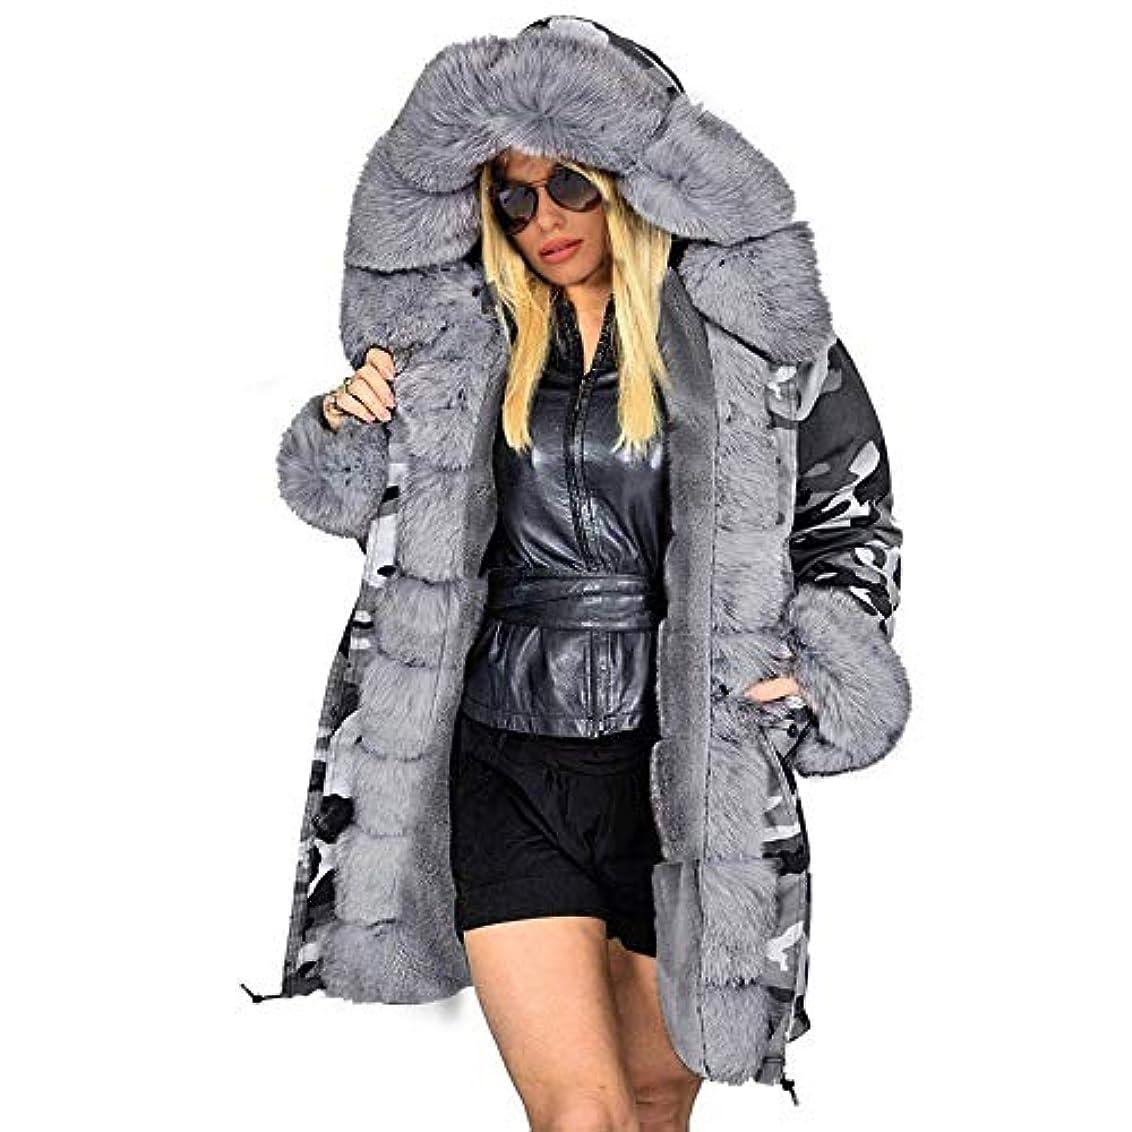 トランクライブラリ頑張る遅いファッションコートウィンタージャケット女性フードパーカーロングウォームコットンジャケットアウターウェア女性ウィンターコートプラスサイズ,XXXL